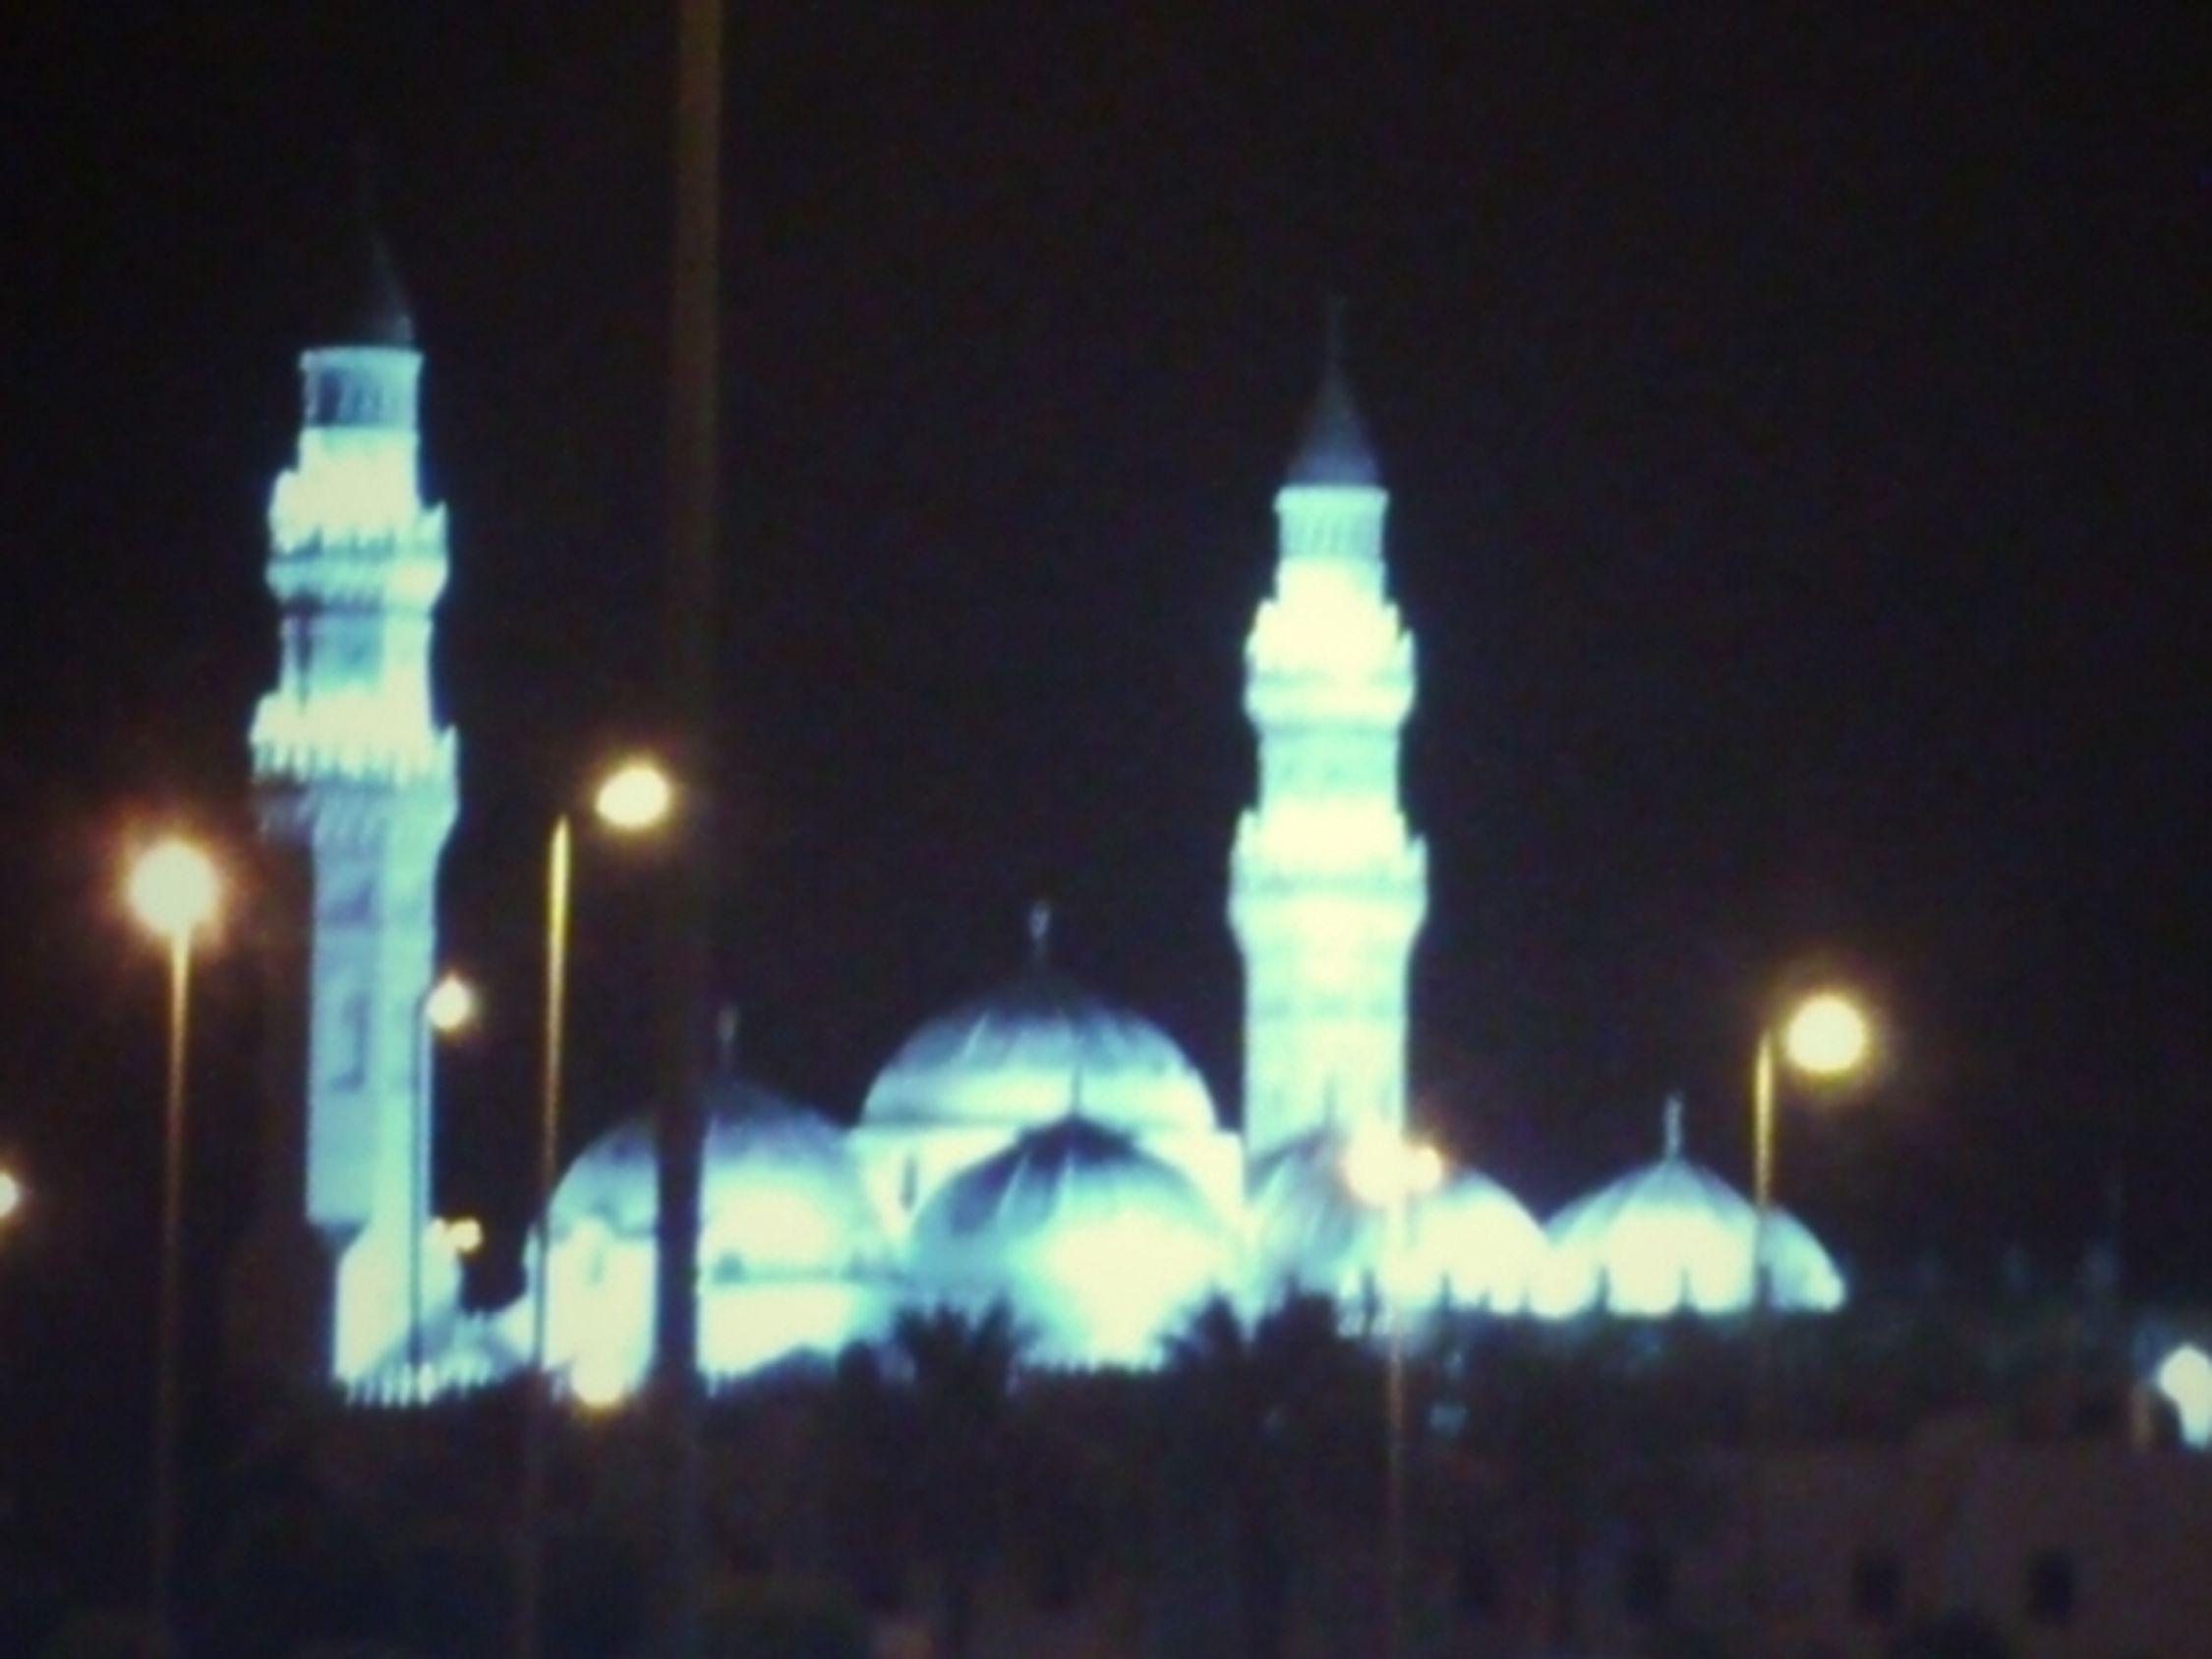 تصويري مسجد قباء اول مسجد بني في الاسلامالمسجد الحرام Praying